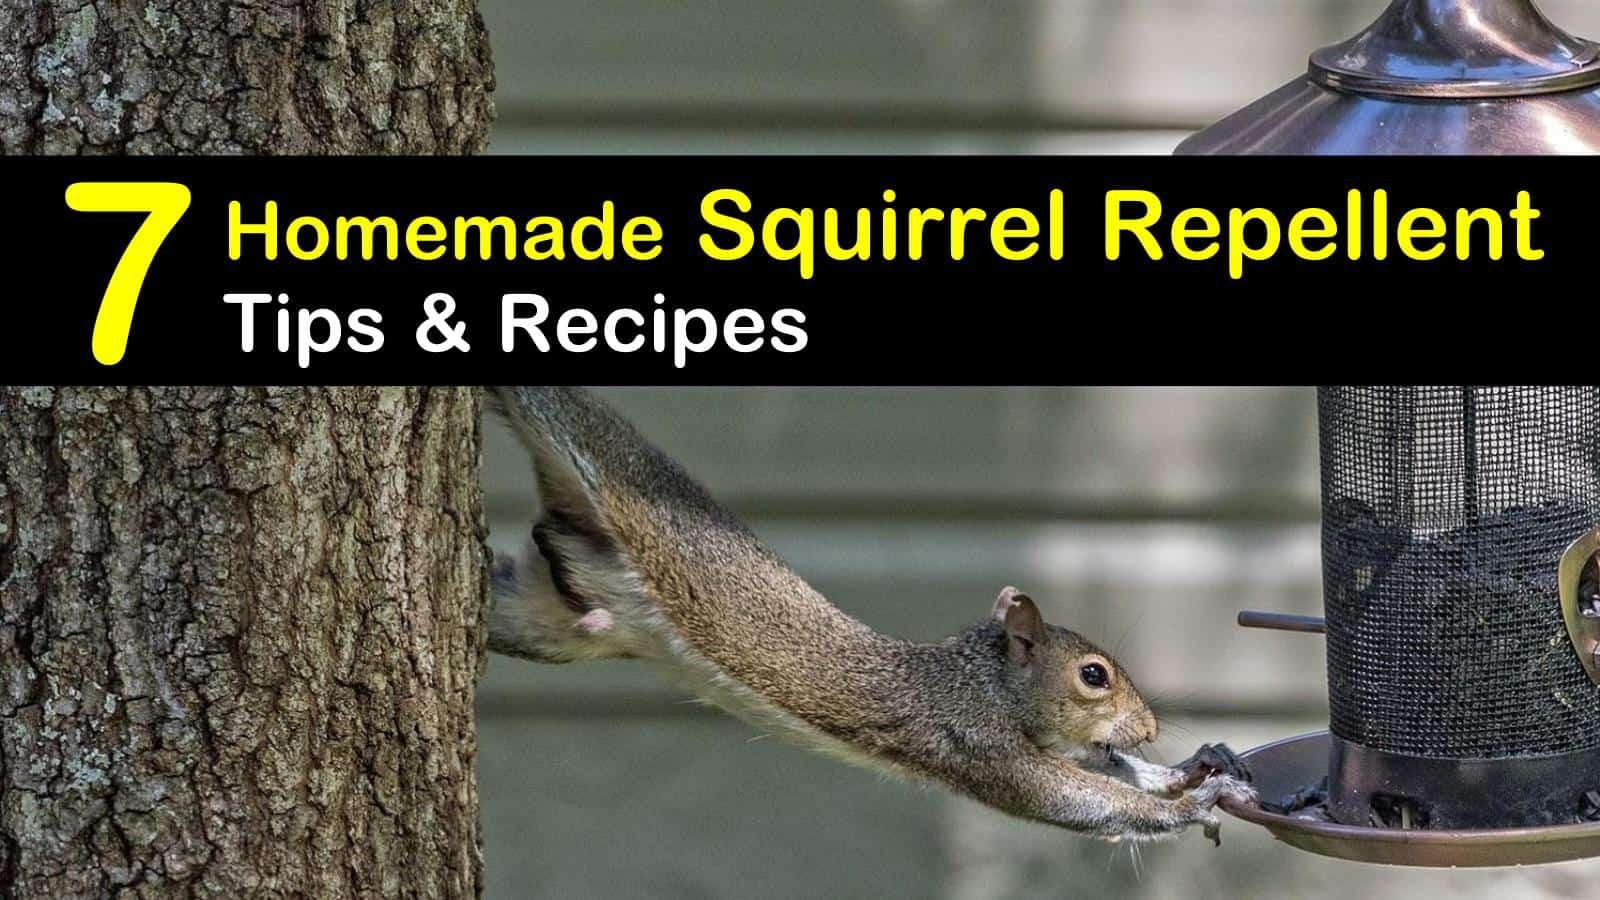 Homemade Squirrel Repellent